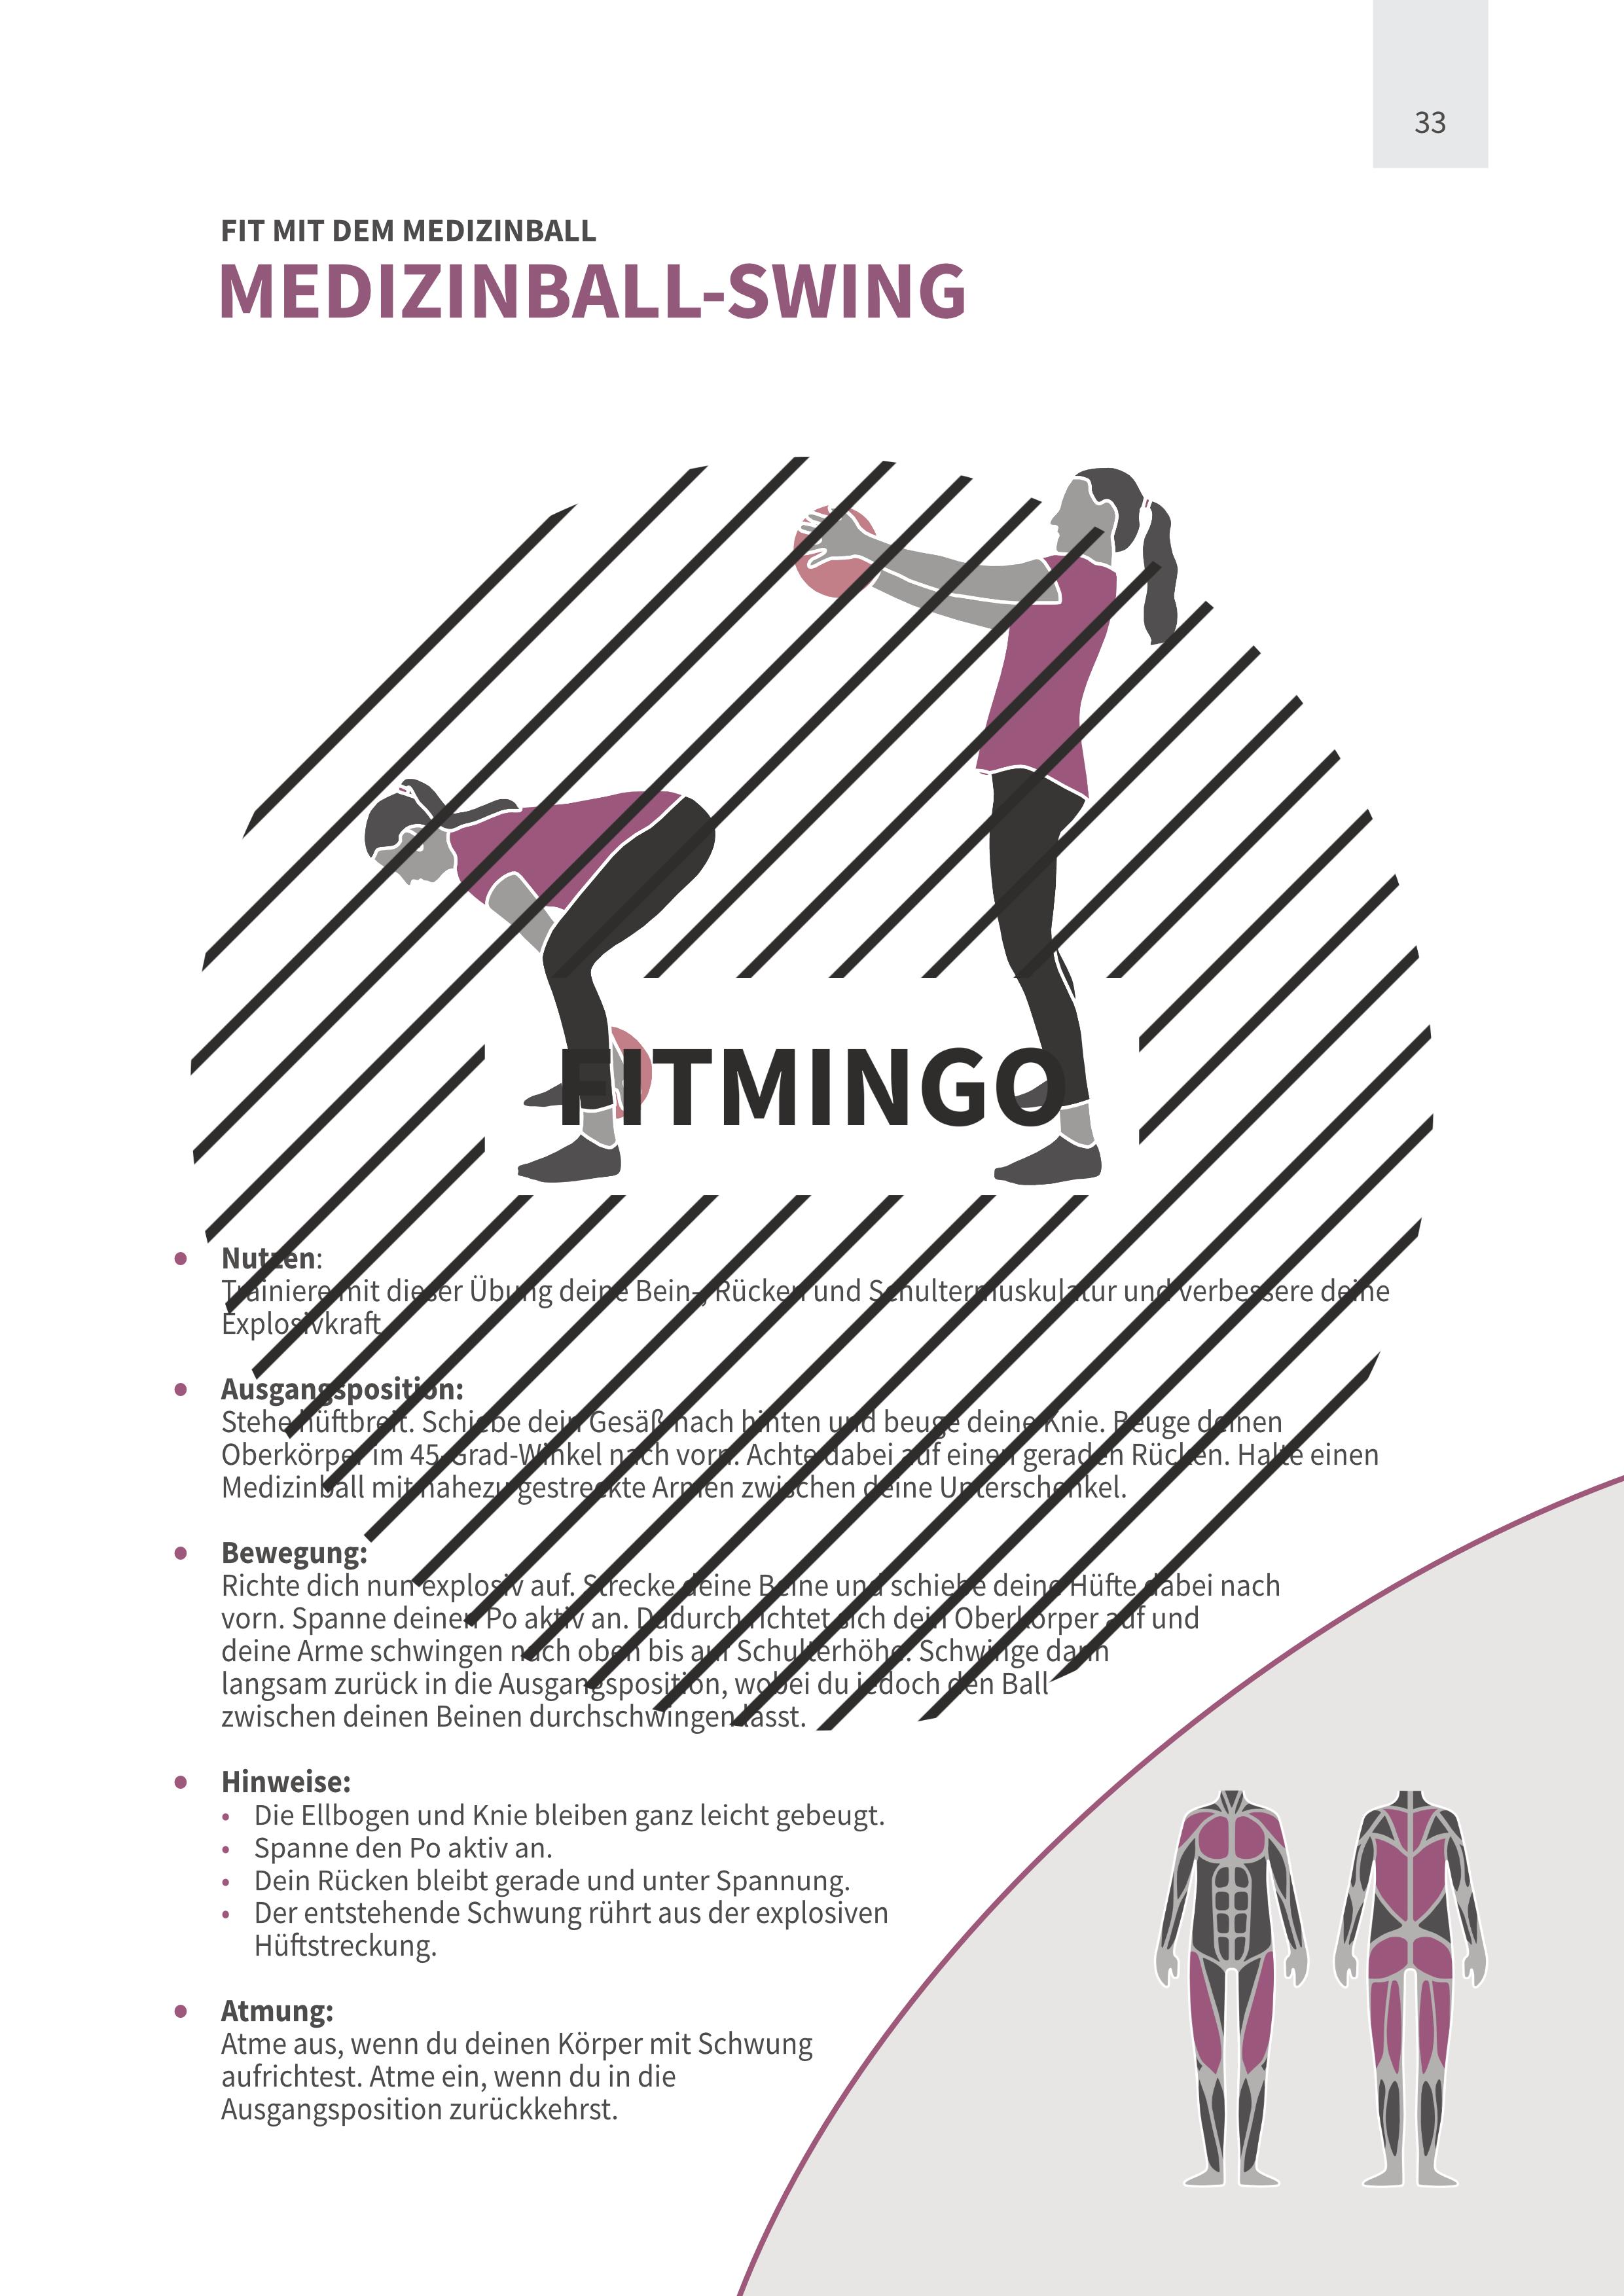 Medizinball-Swing